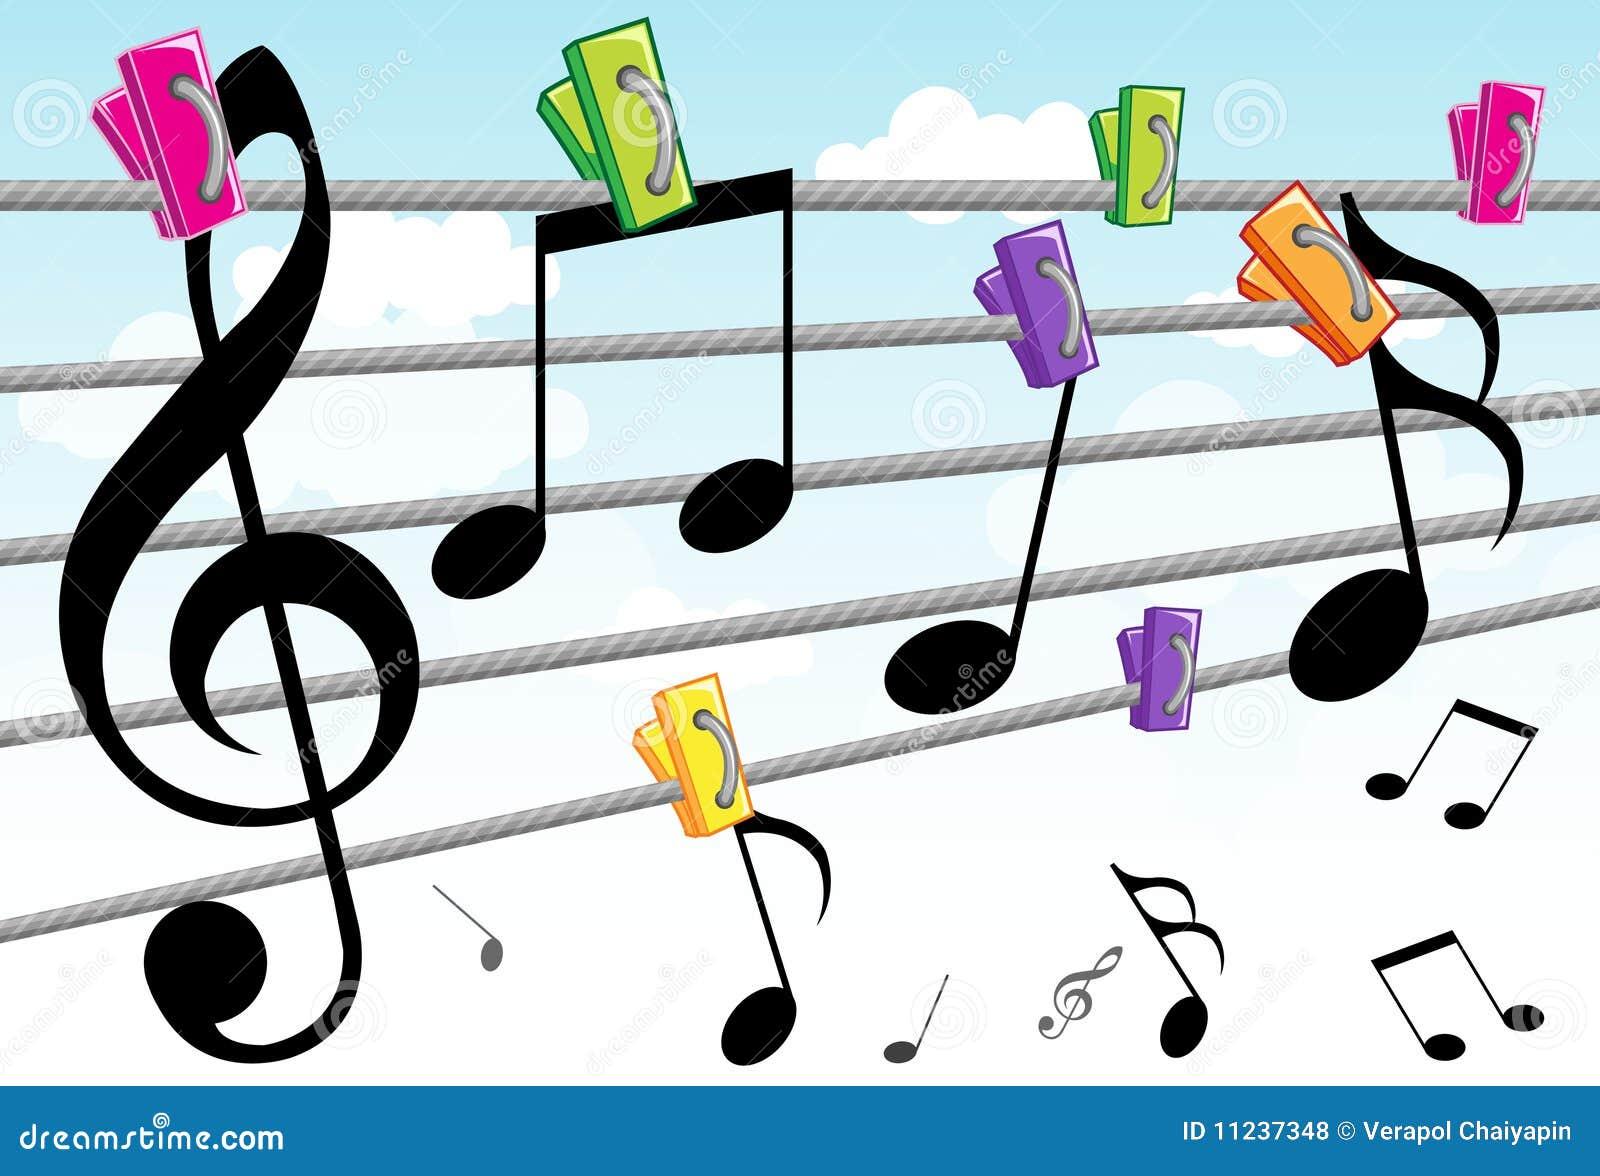 Melodies - Jan Hammer